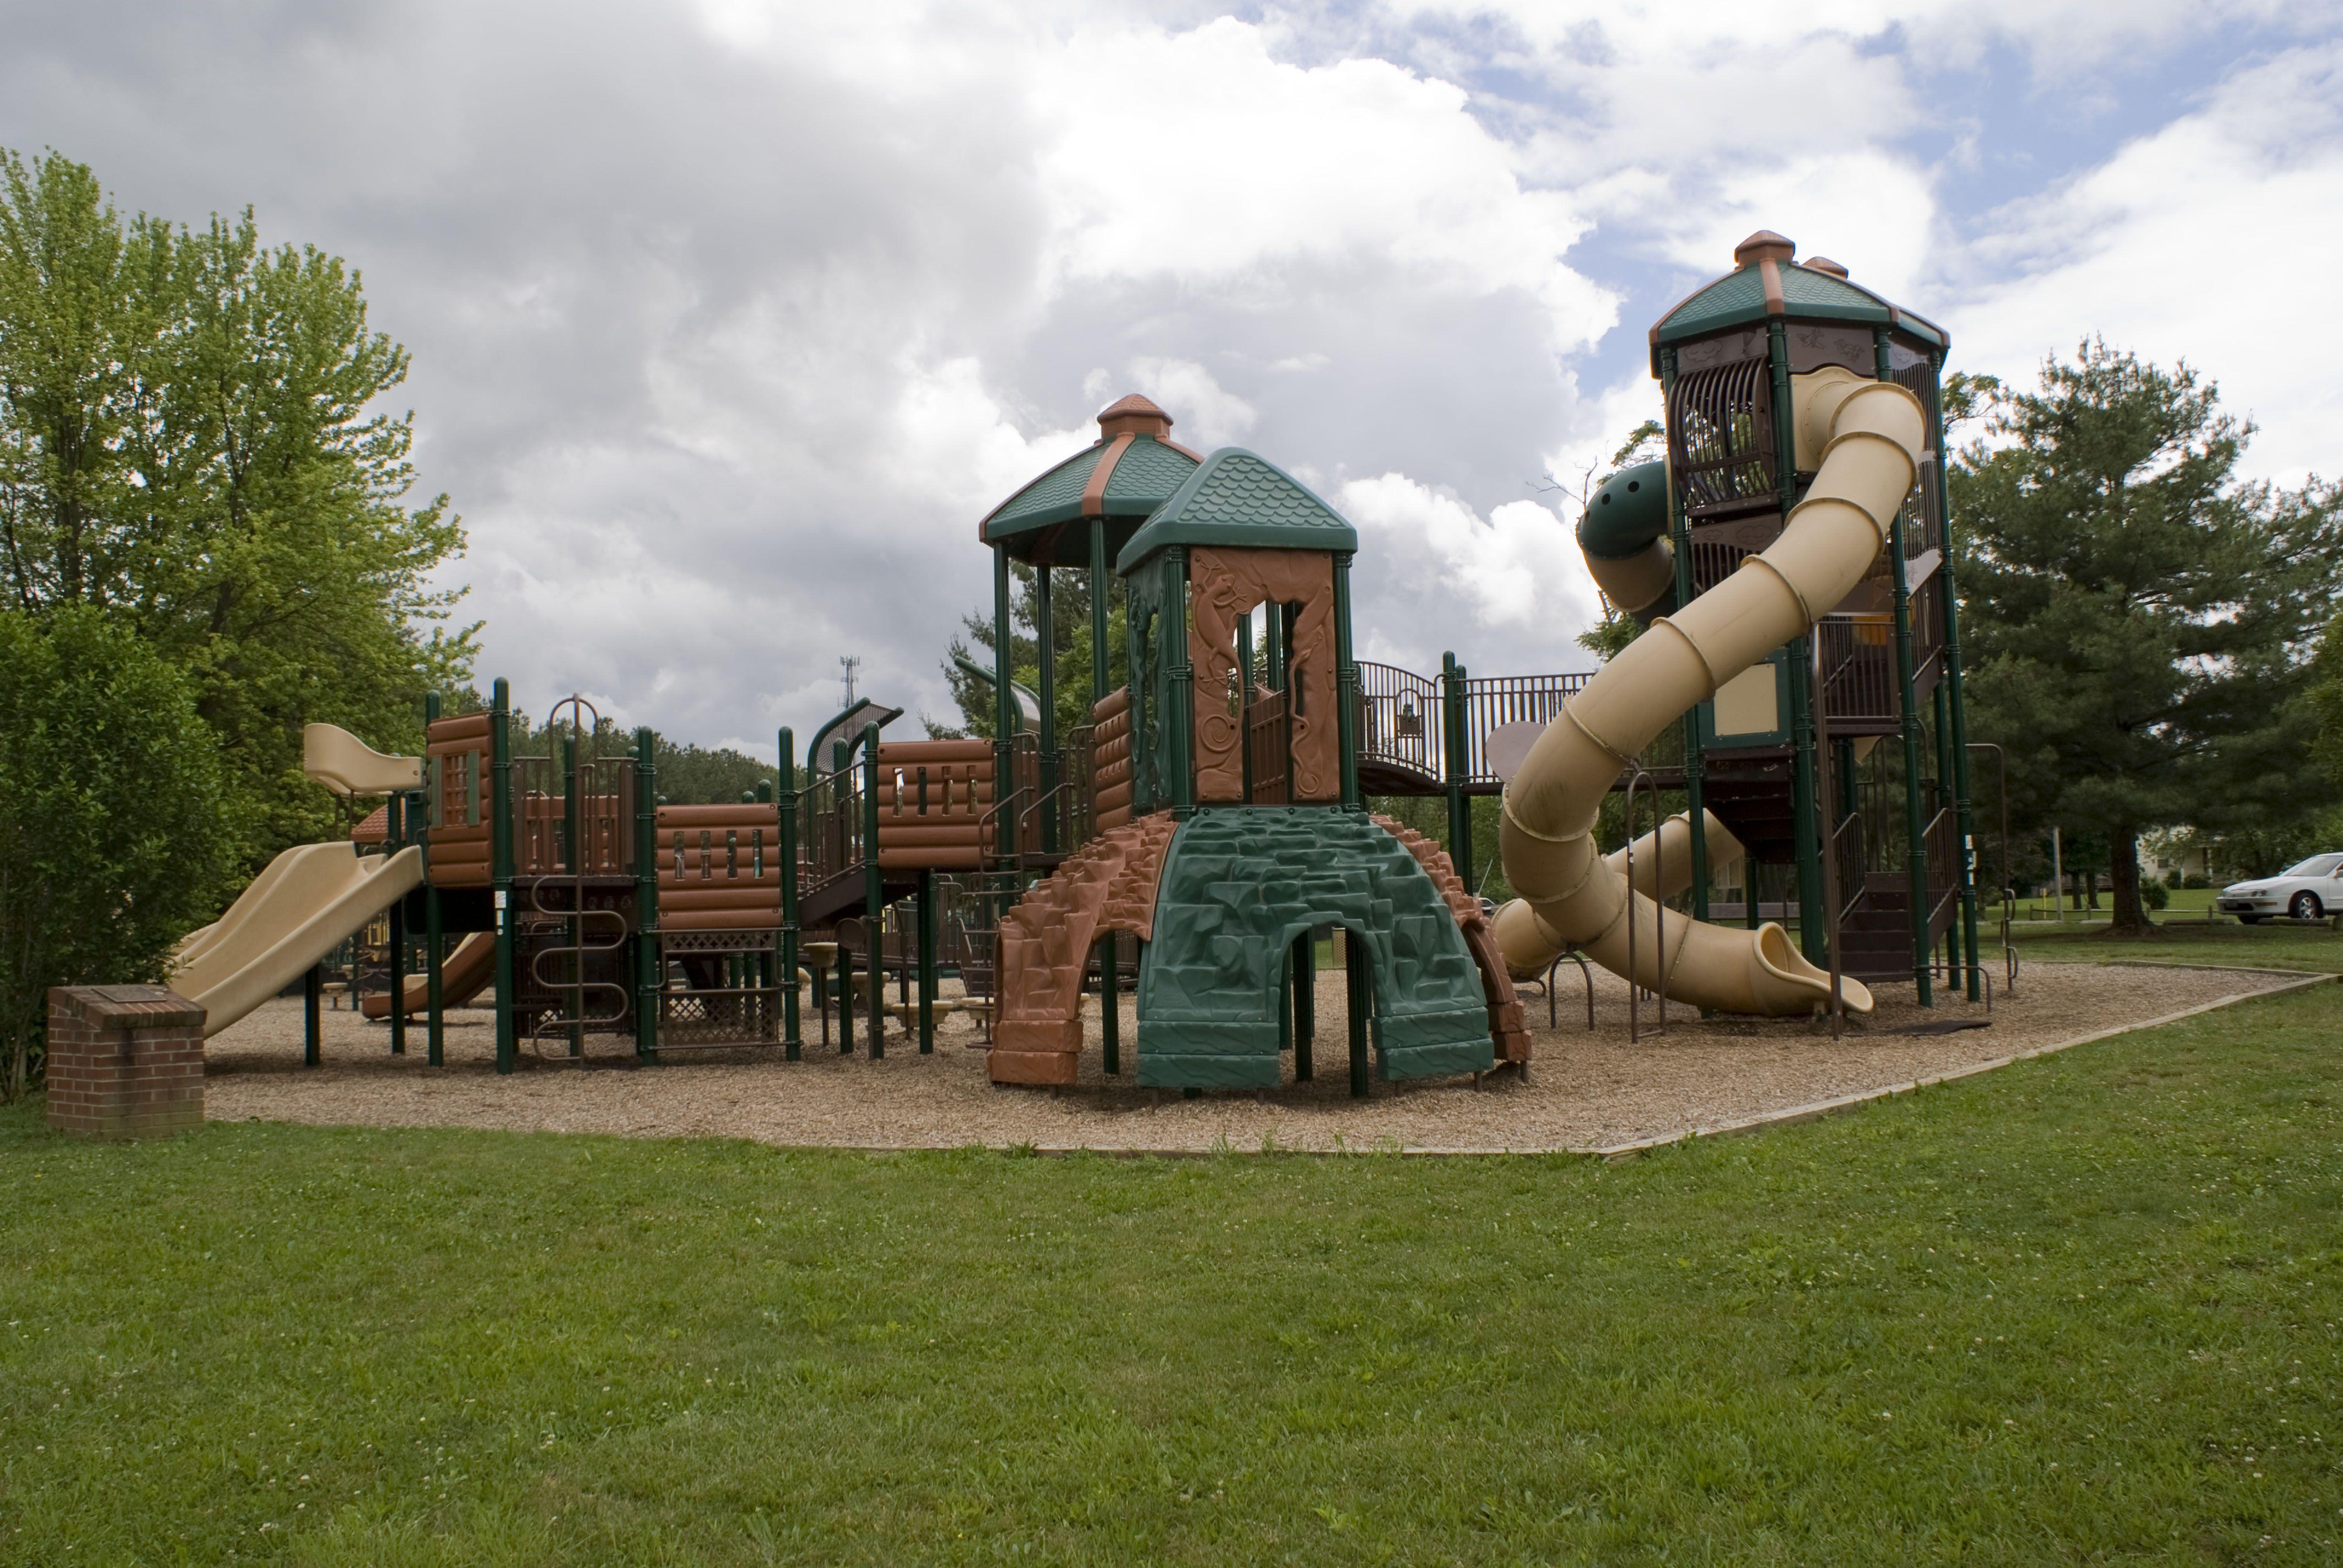 Chet Hobert Park play structure